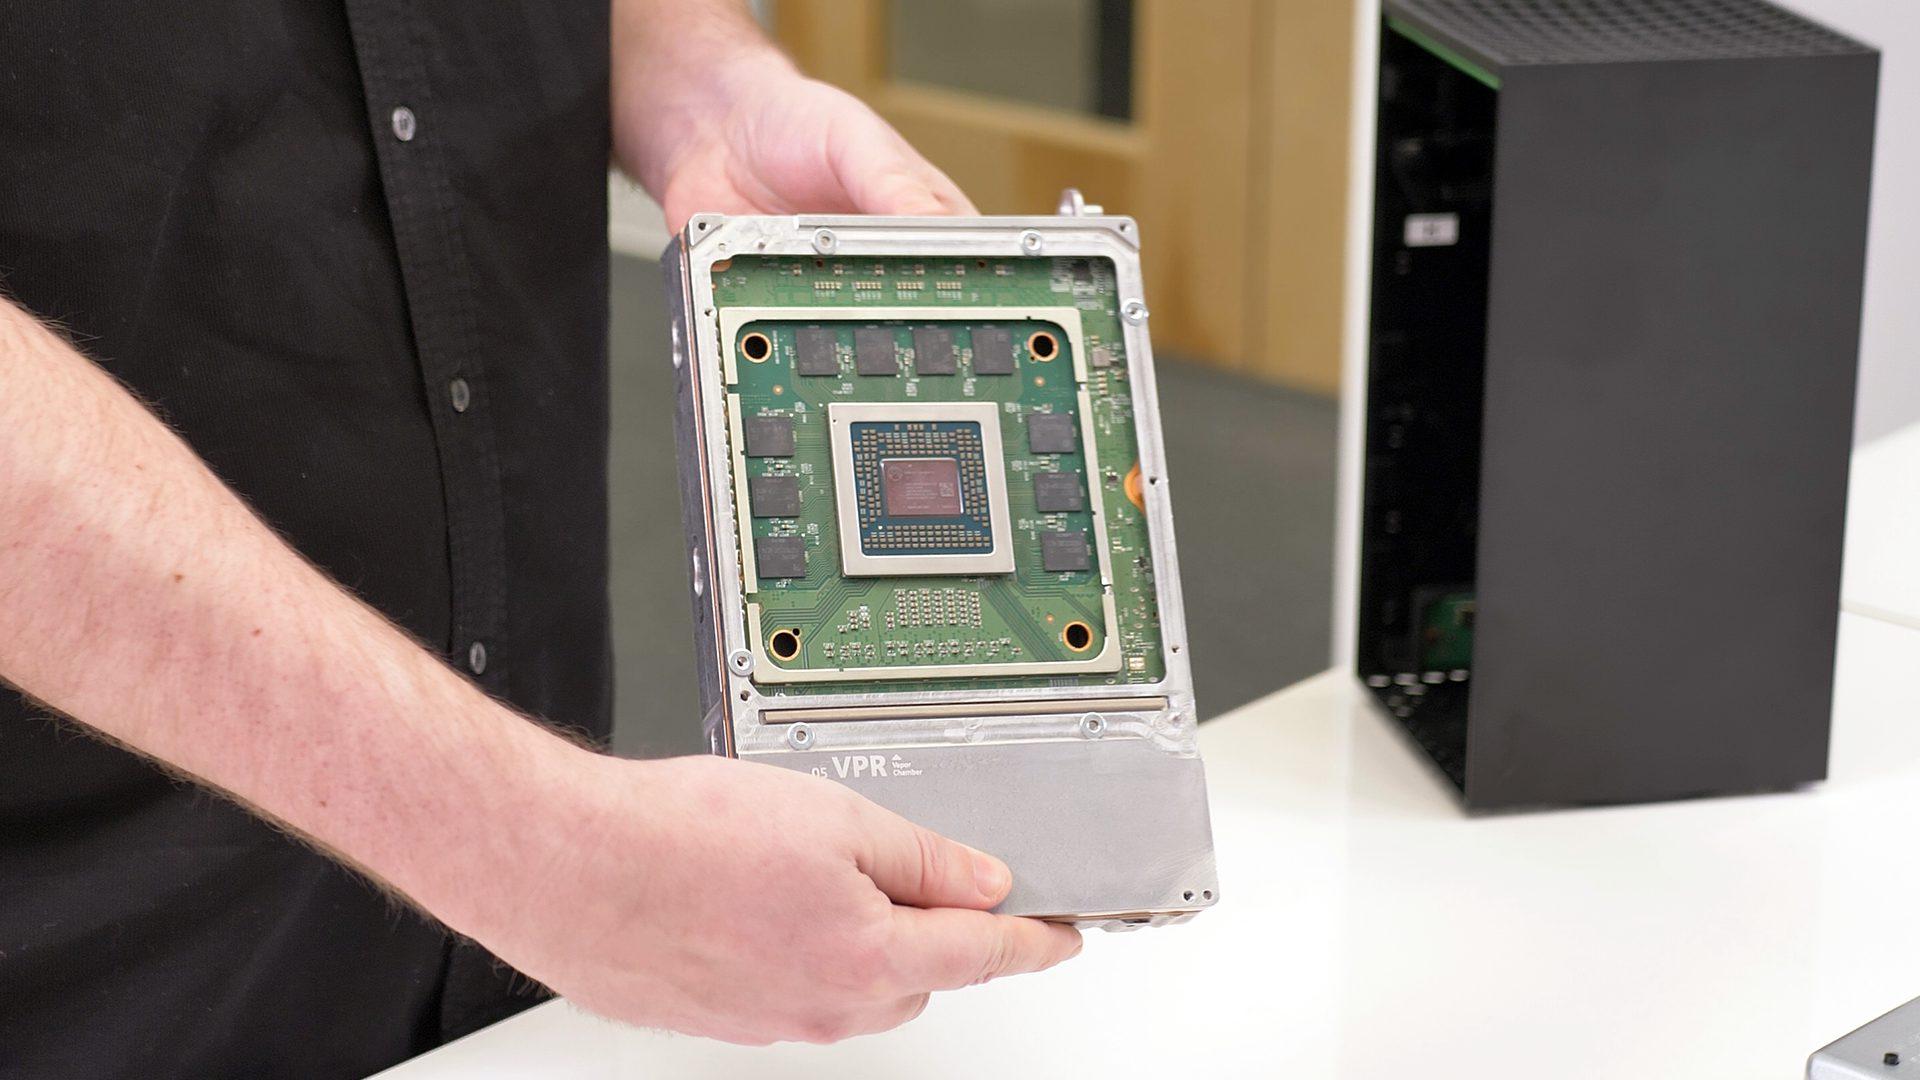 1 14 1 - Xbox Series Xの電源はPS4Proとほぼ同じ315W